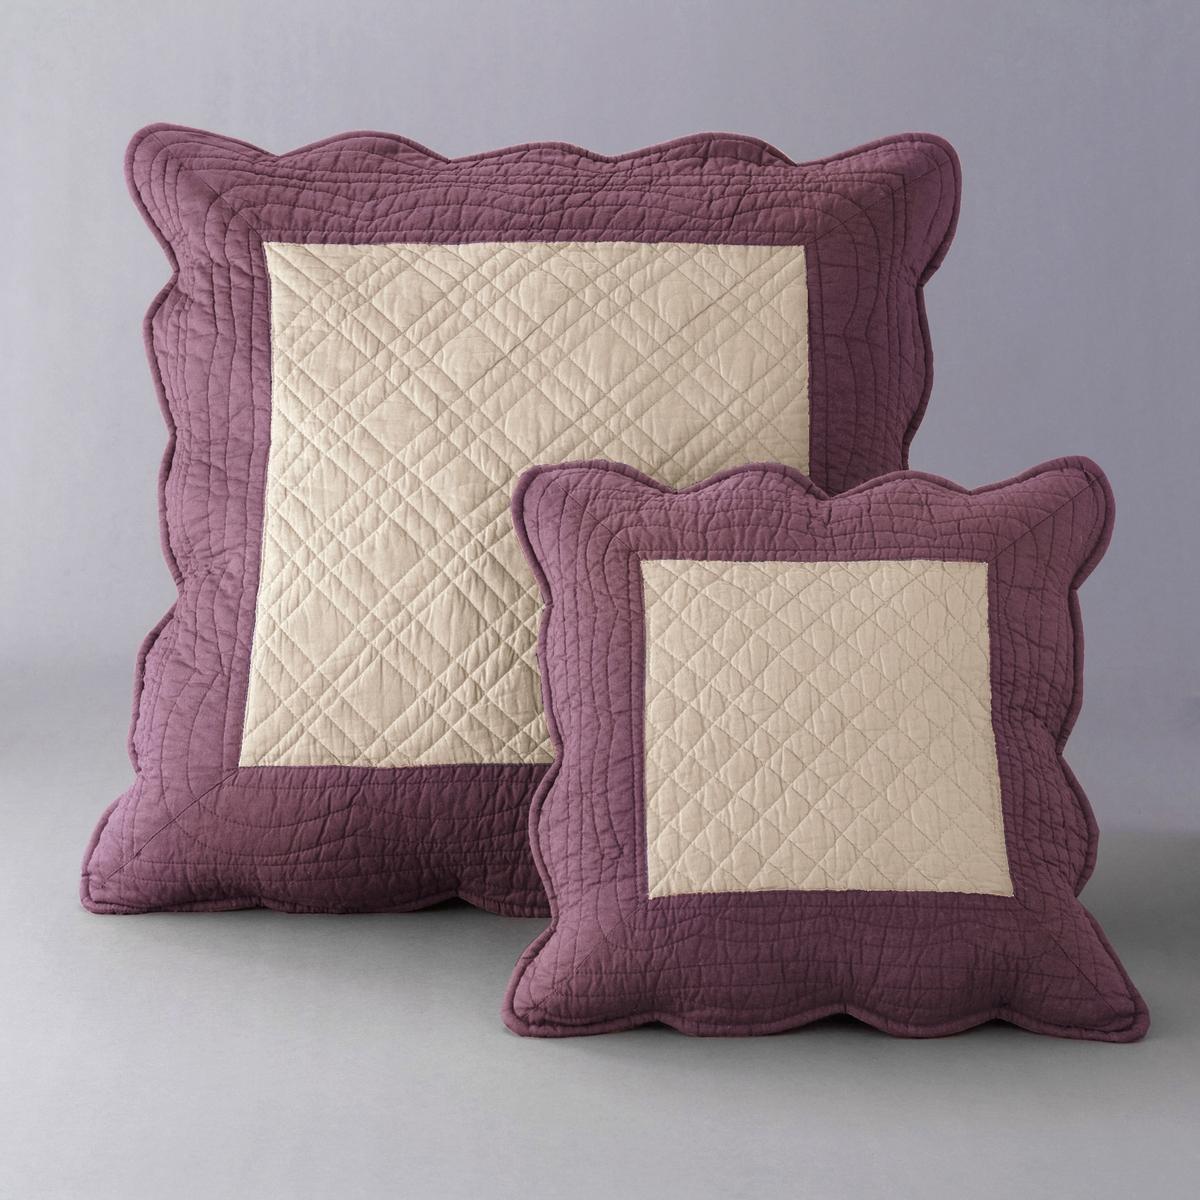 Чехол для подушки стеганый двухцветный, 100% хлопок